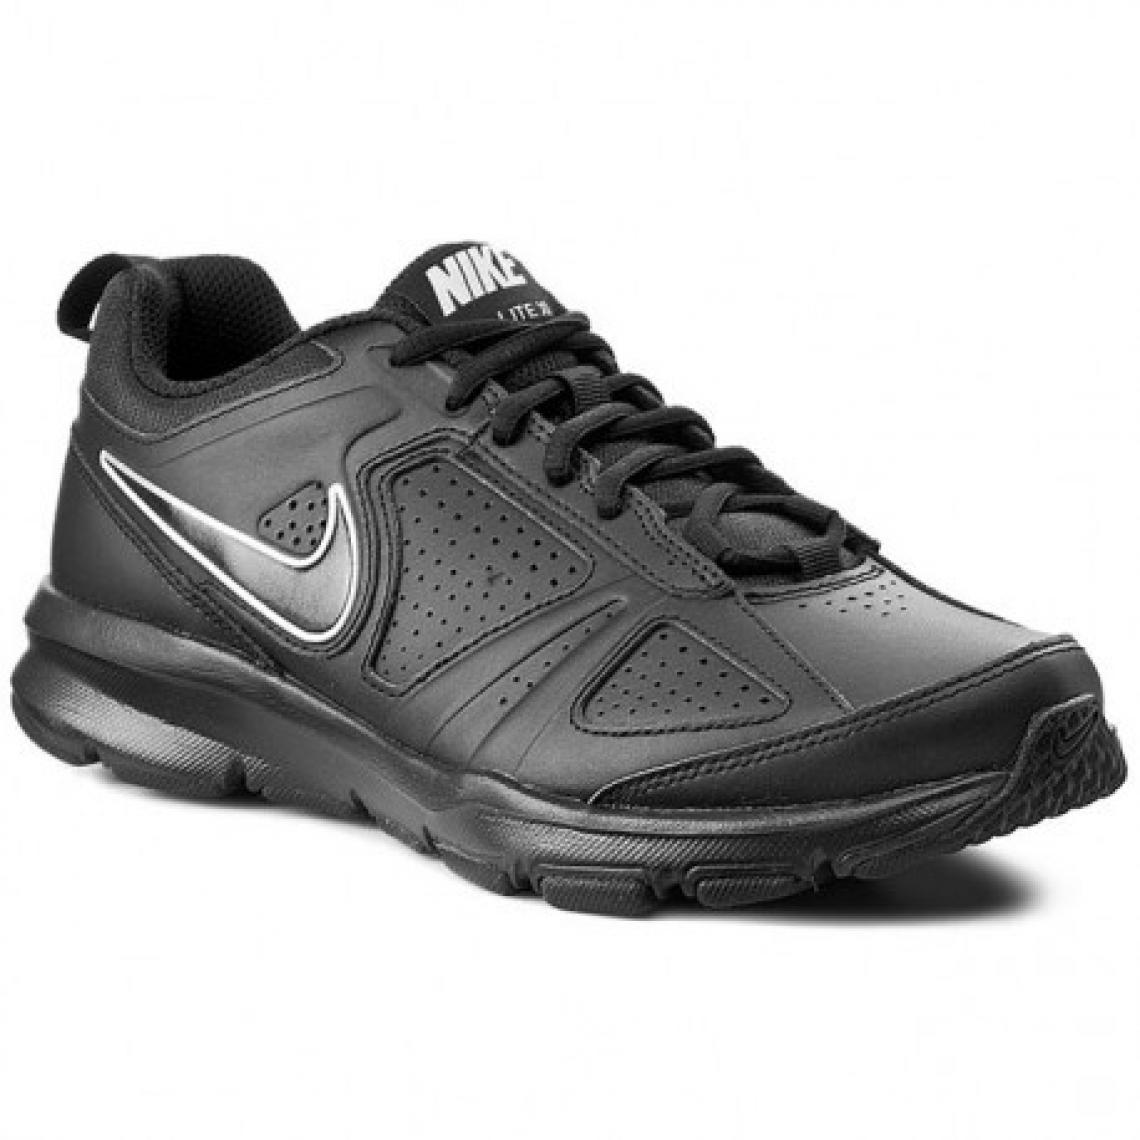 nouvelle arrivee 9a674 09b24 Chaussure de course à lacet Nike homme - Noir   3 SUISSES